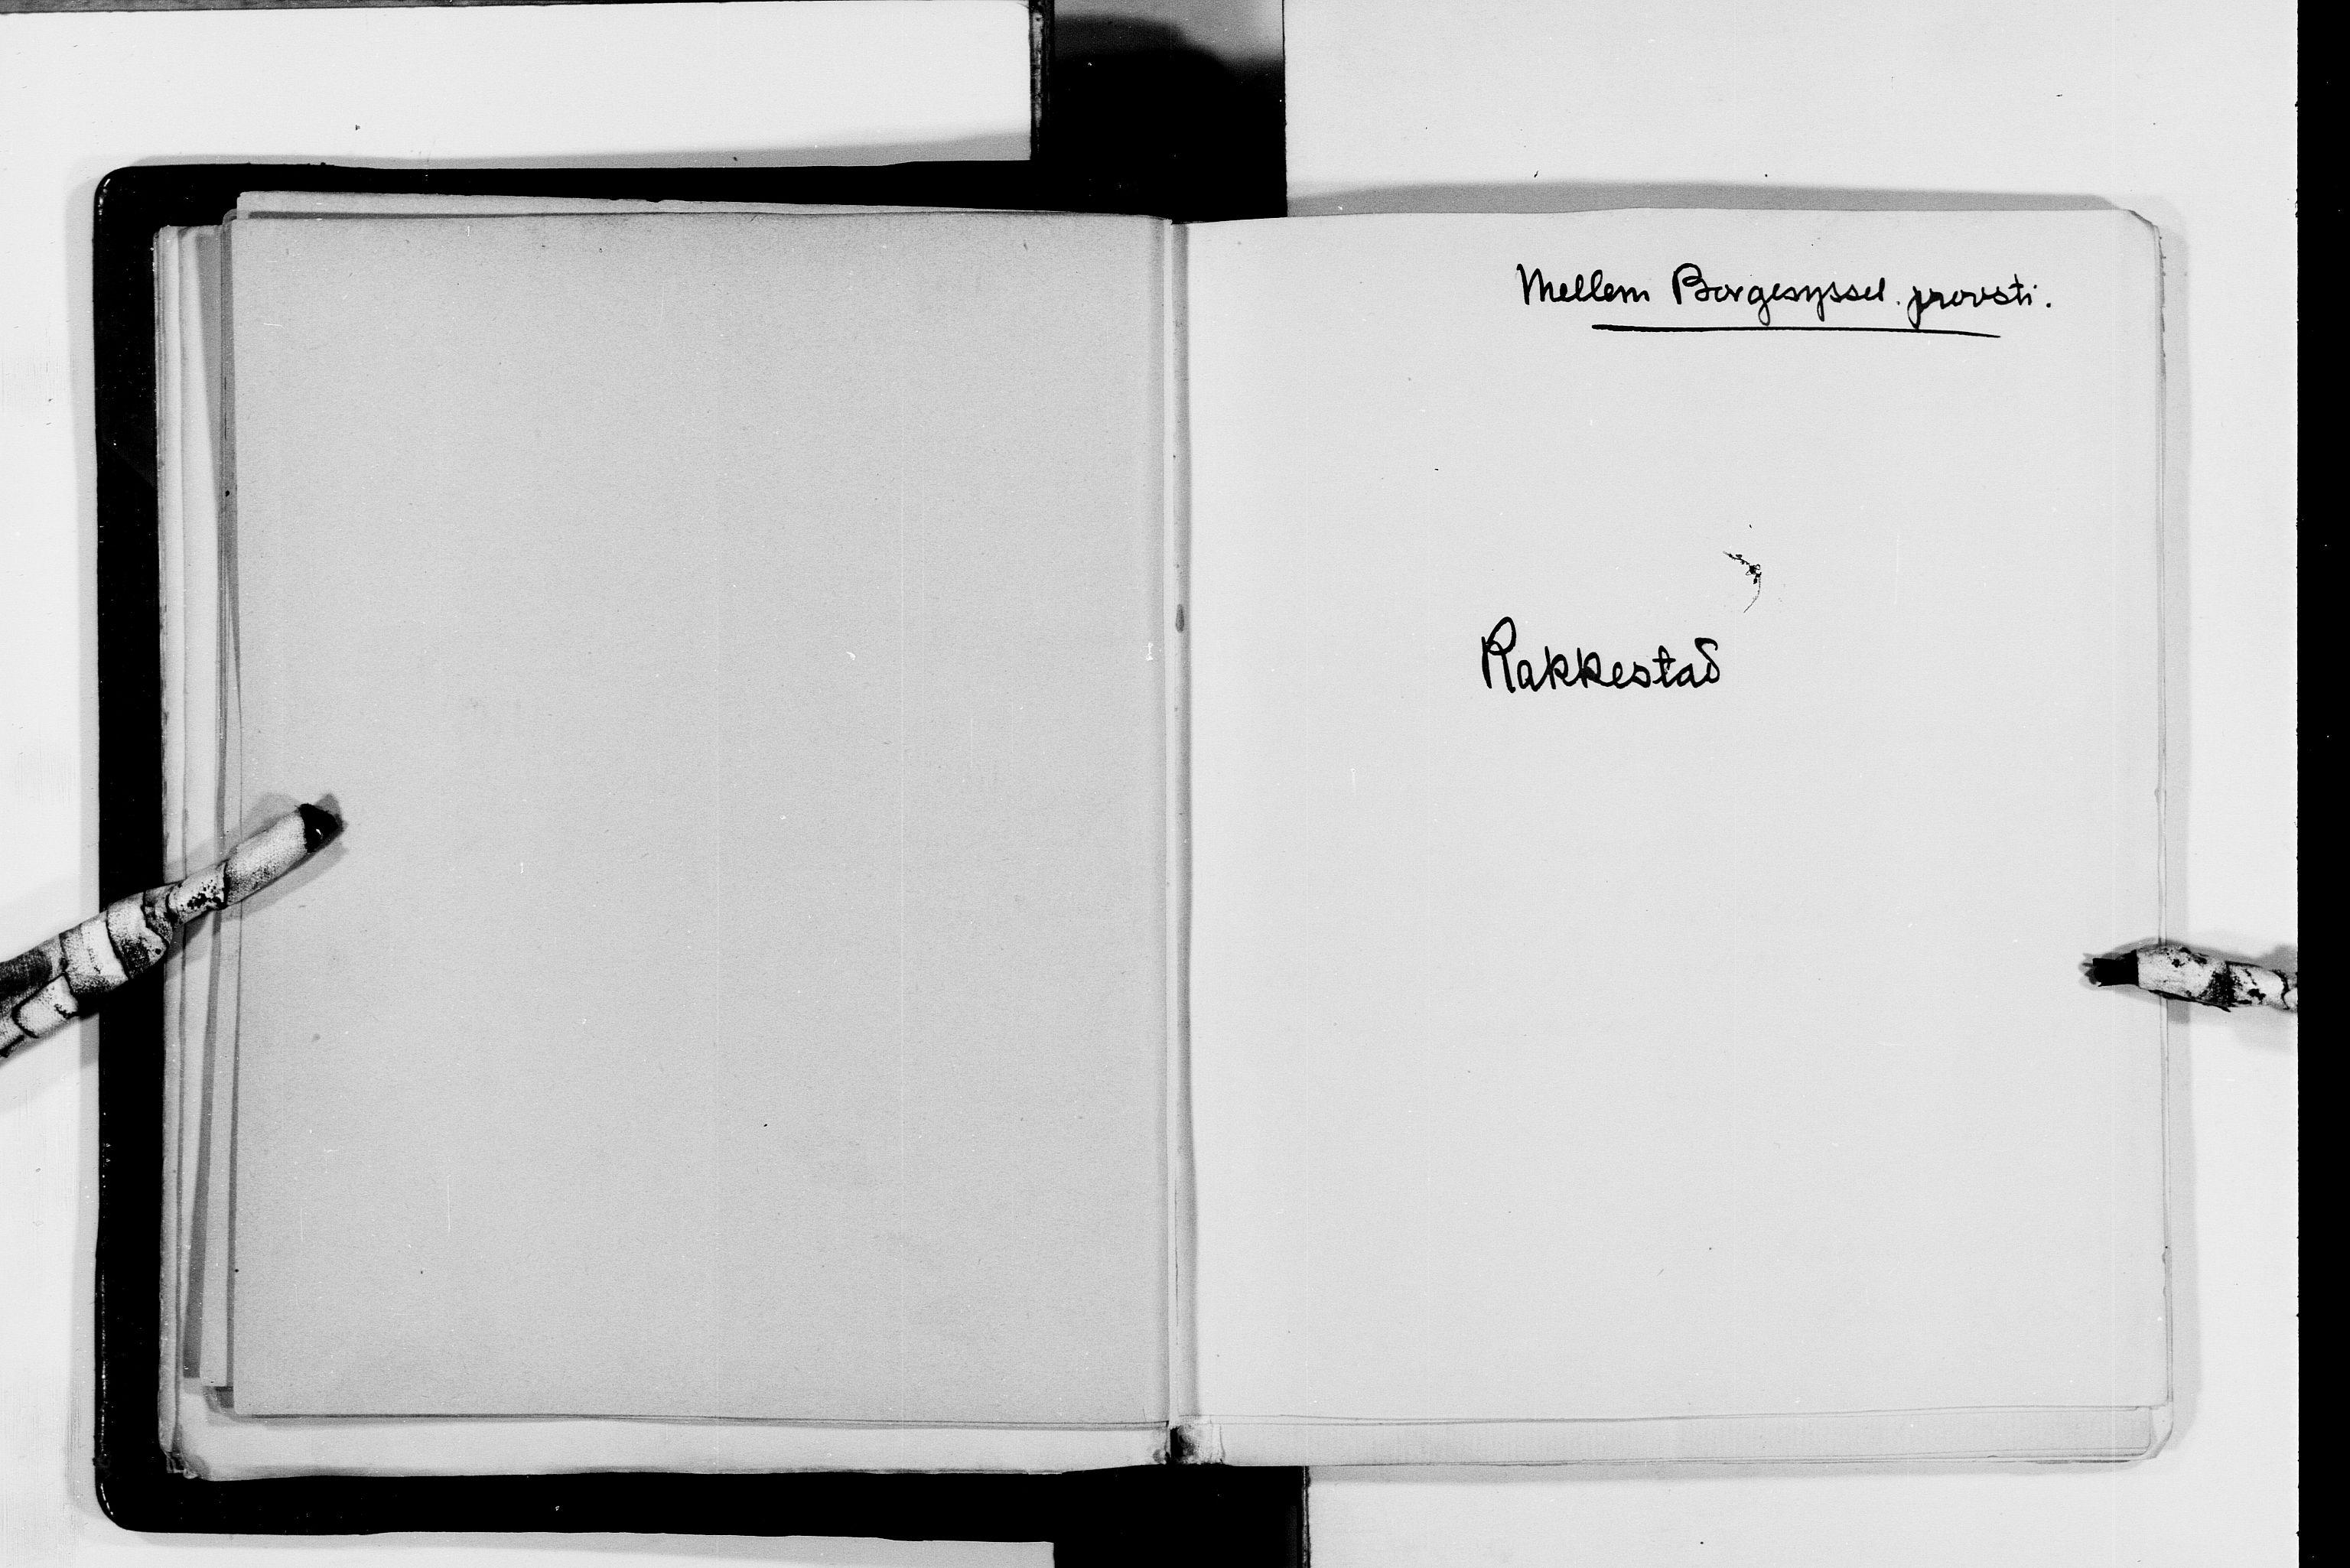 RA, Lassens samlinger, F/Fc, s. 12